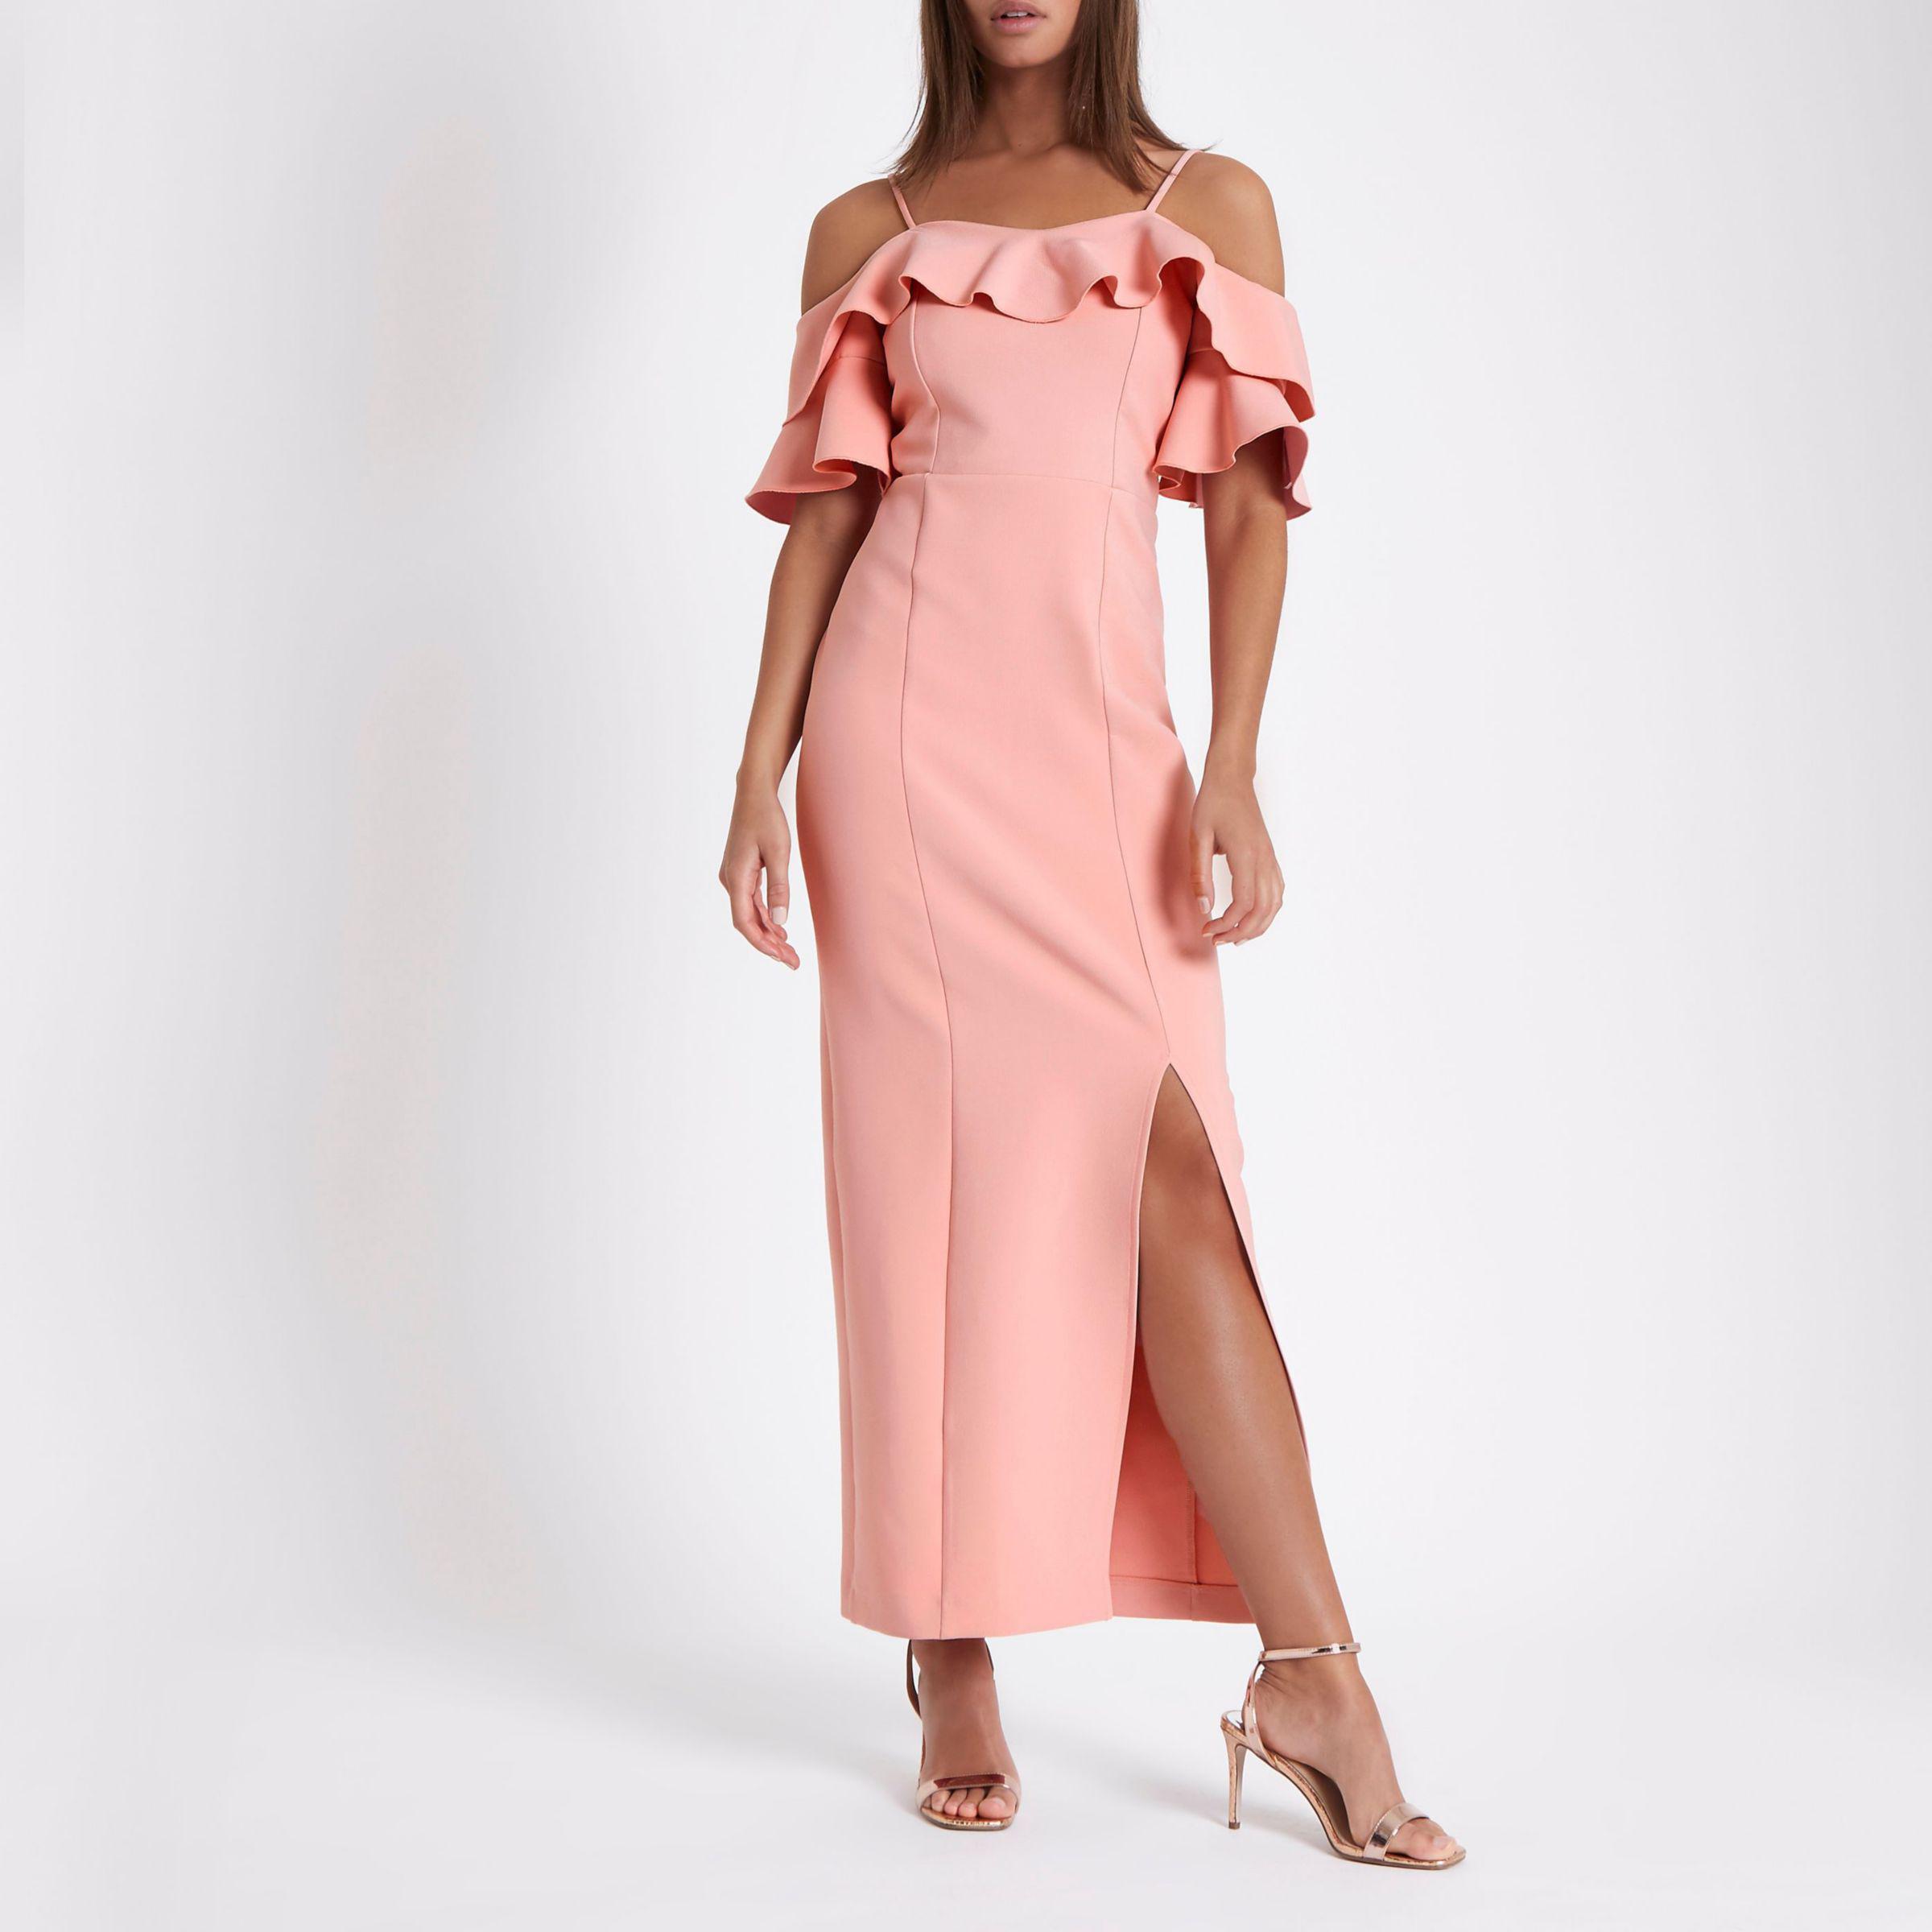 8c1b7fca08dda River Island Pink Frill Bardot Maxi Bodycon Dress in Pink - Lyst